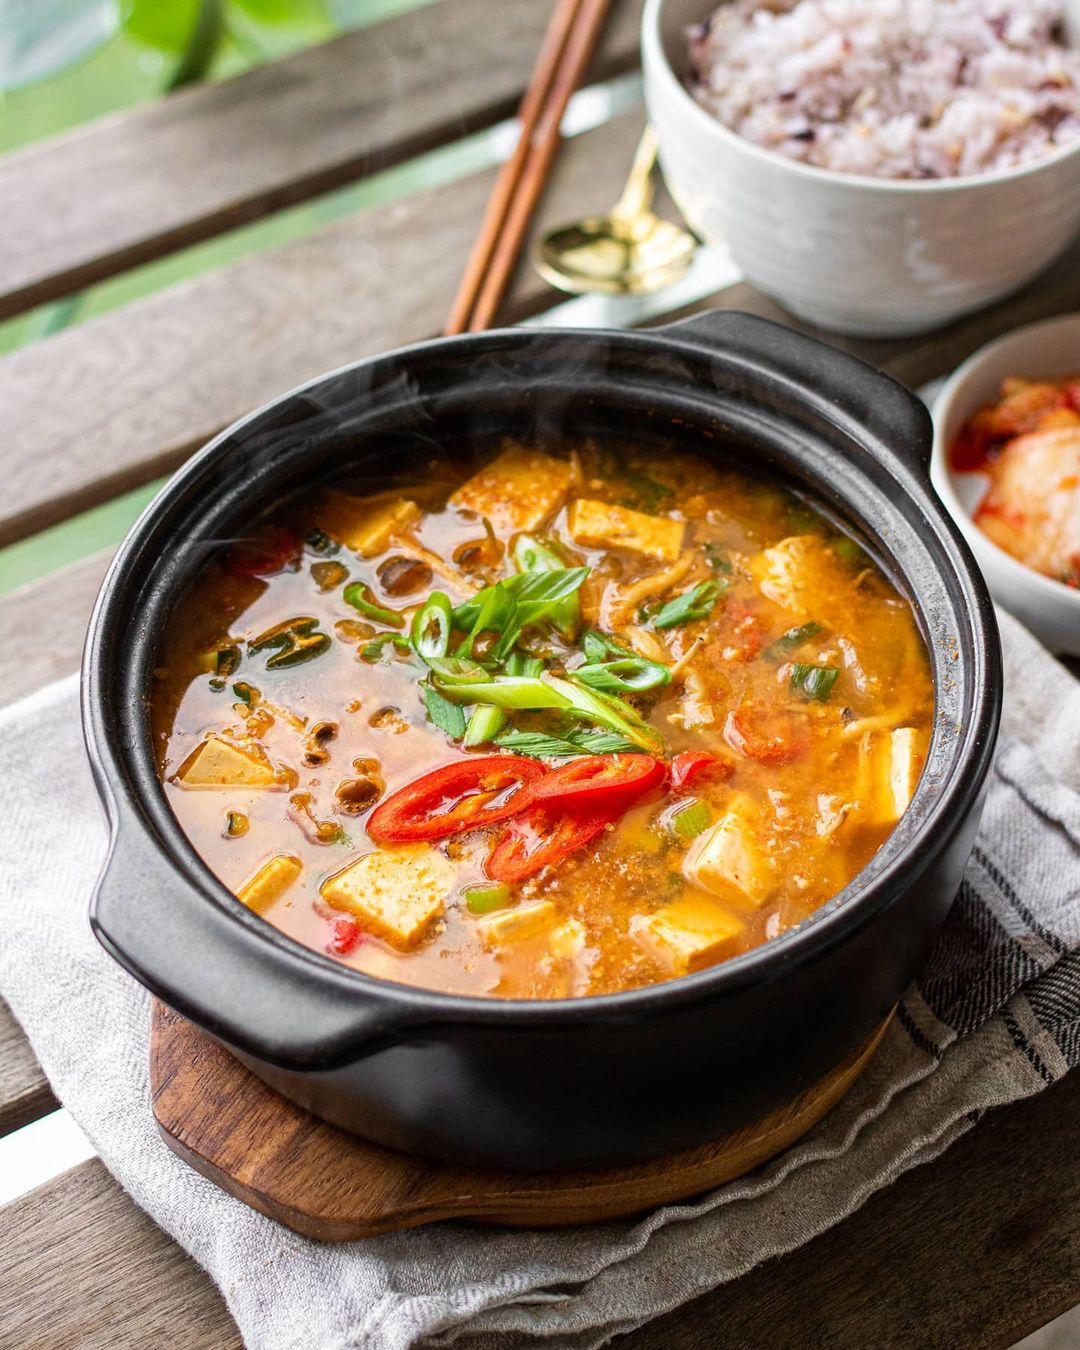 طرز تهیه سوپ وگان [گیاهی] خوشمزه و سالم با جو، برنج و سبزیجات